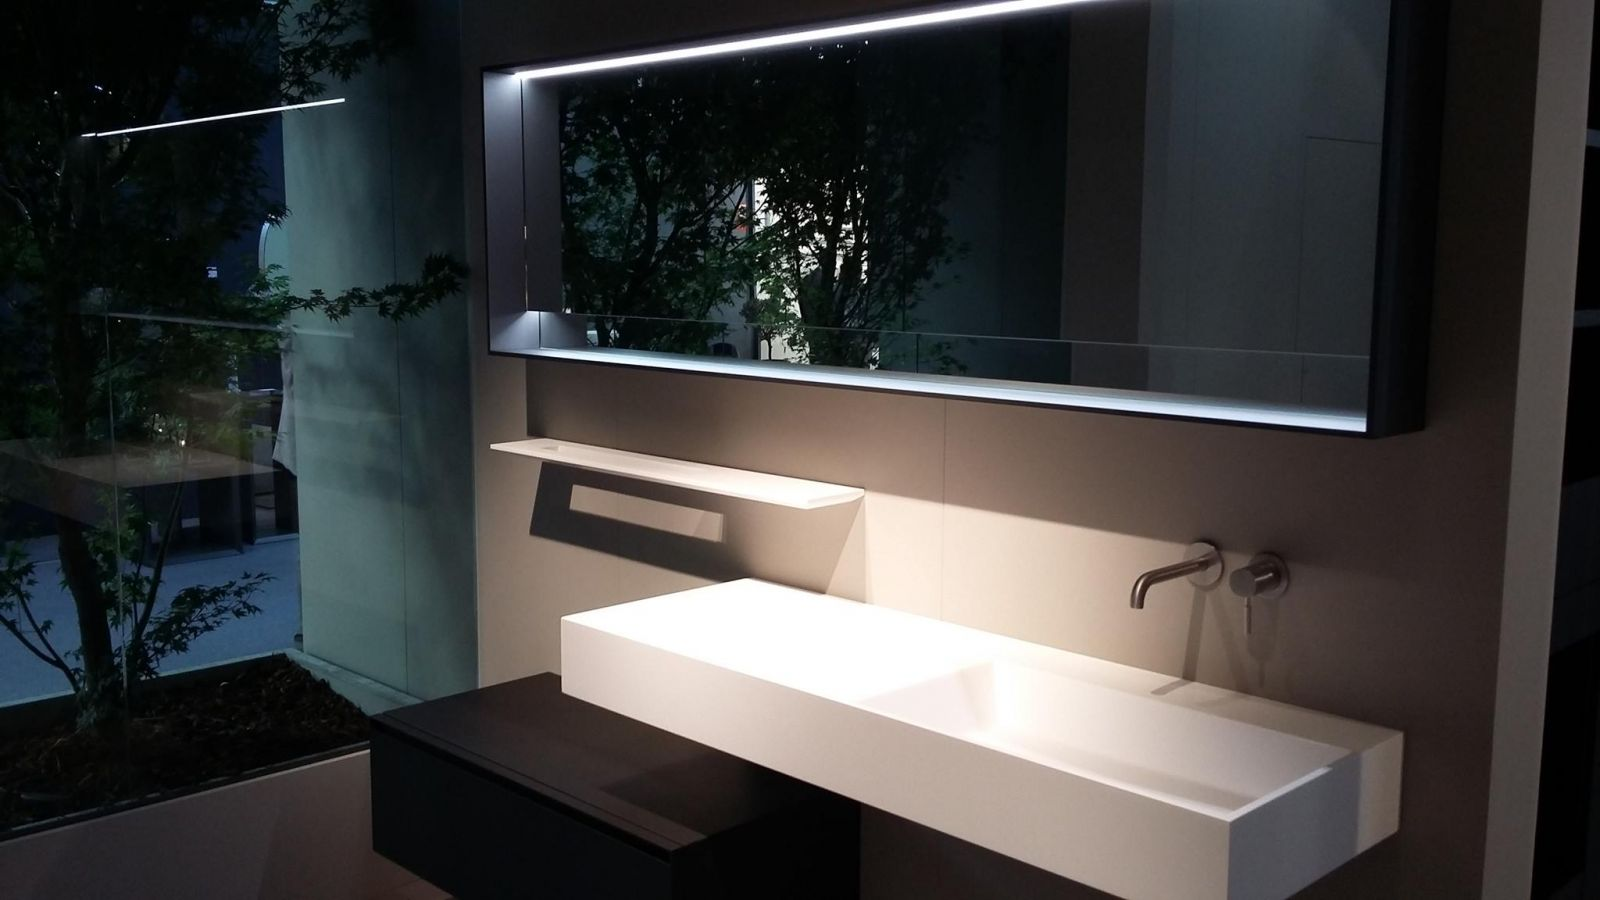 Badkamerrenovatie: een nieuwe badkamer, douche of toilet? Mogelijk ...